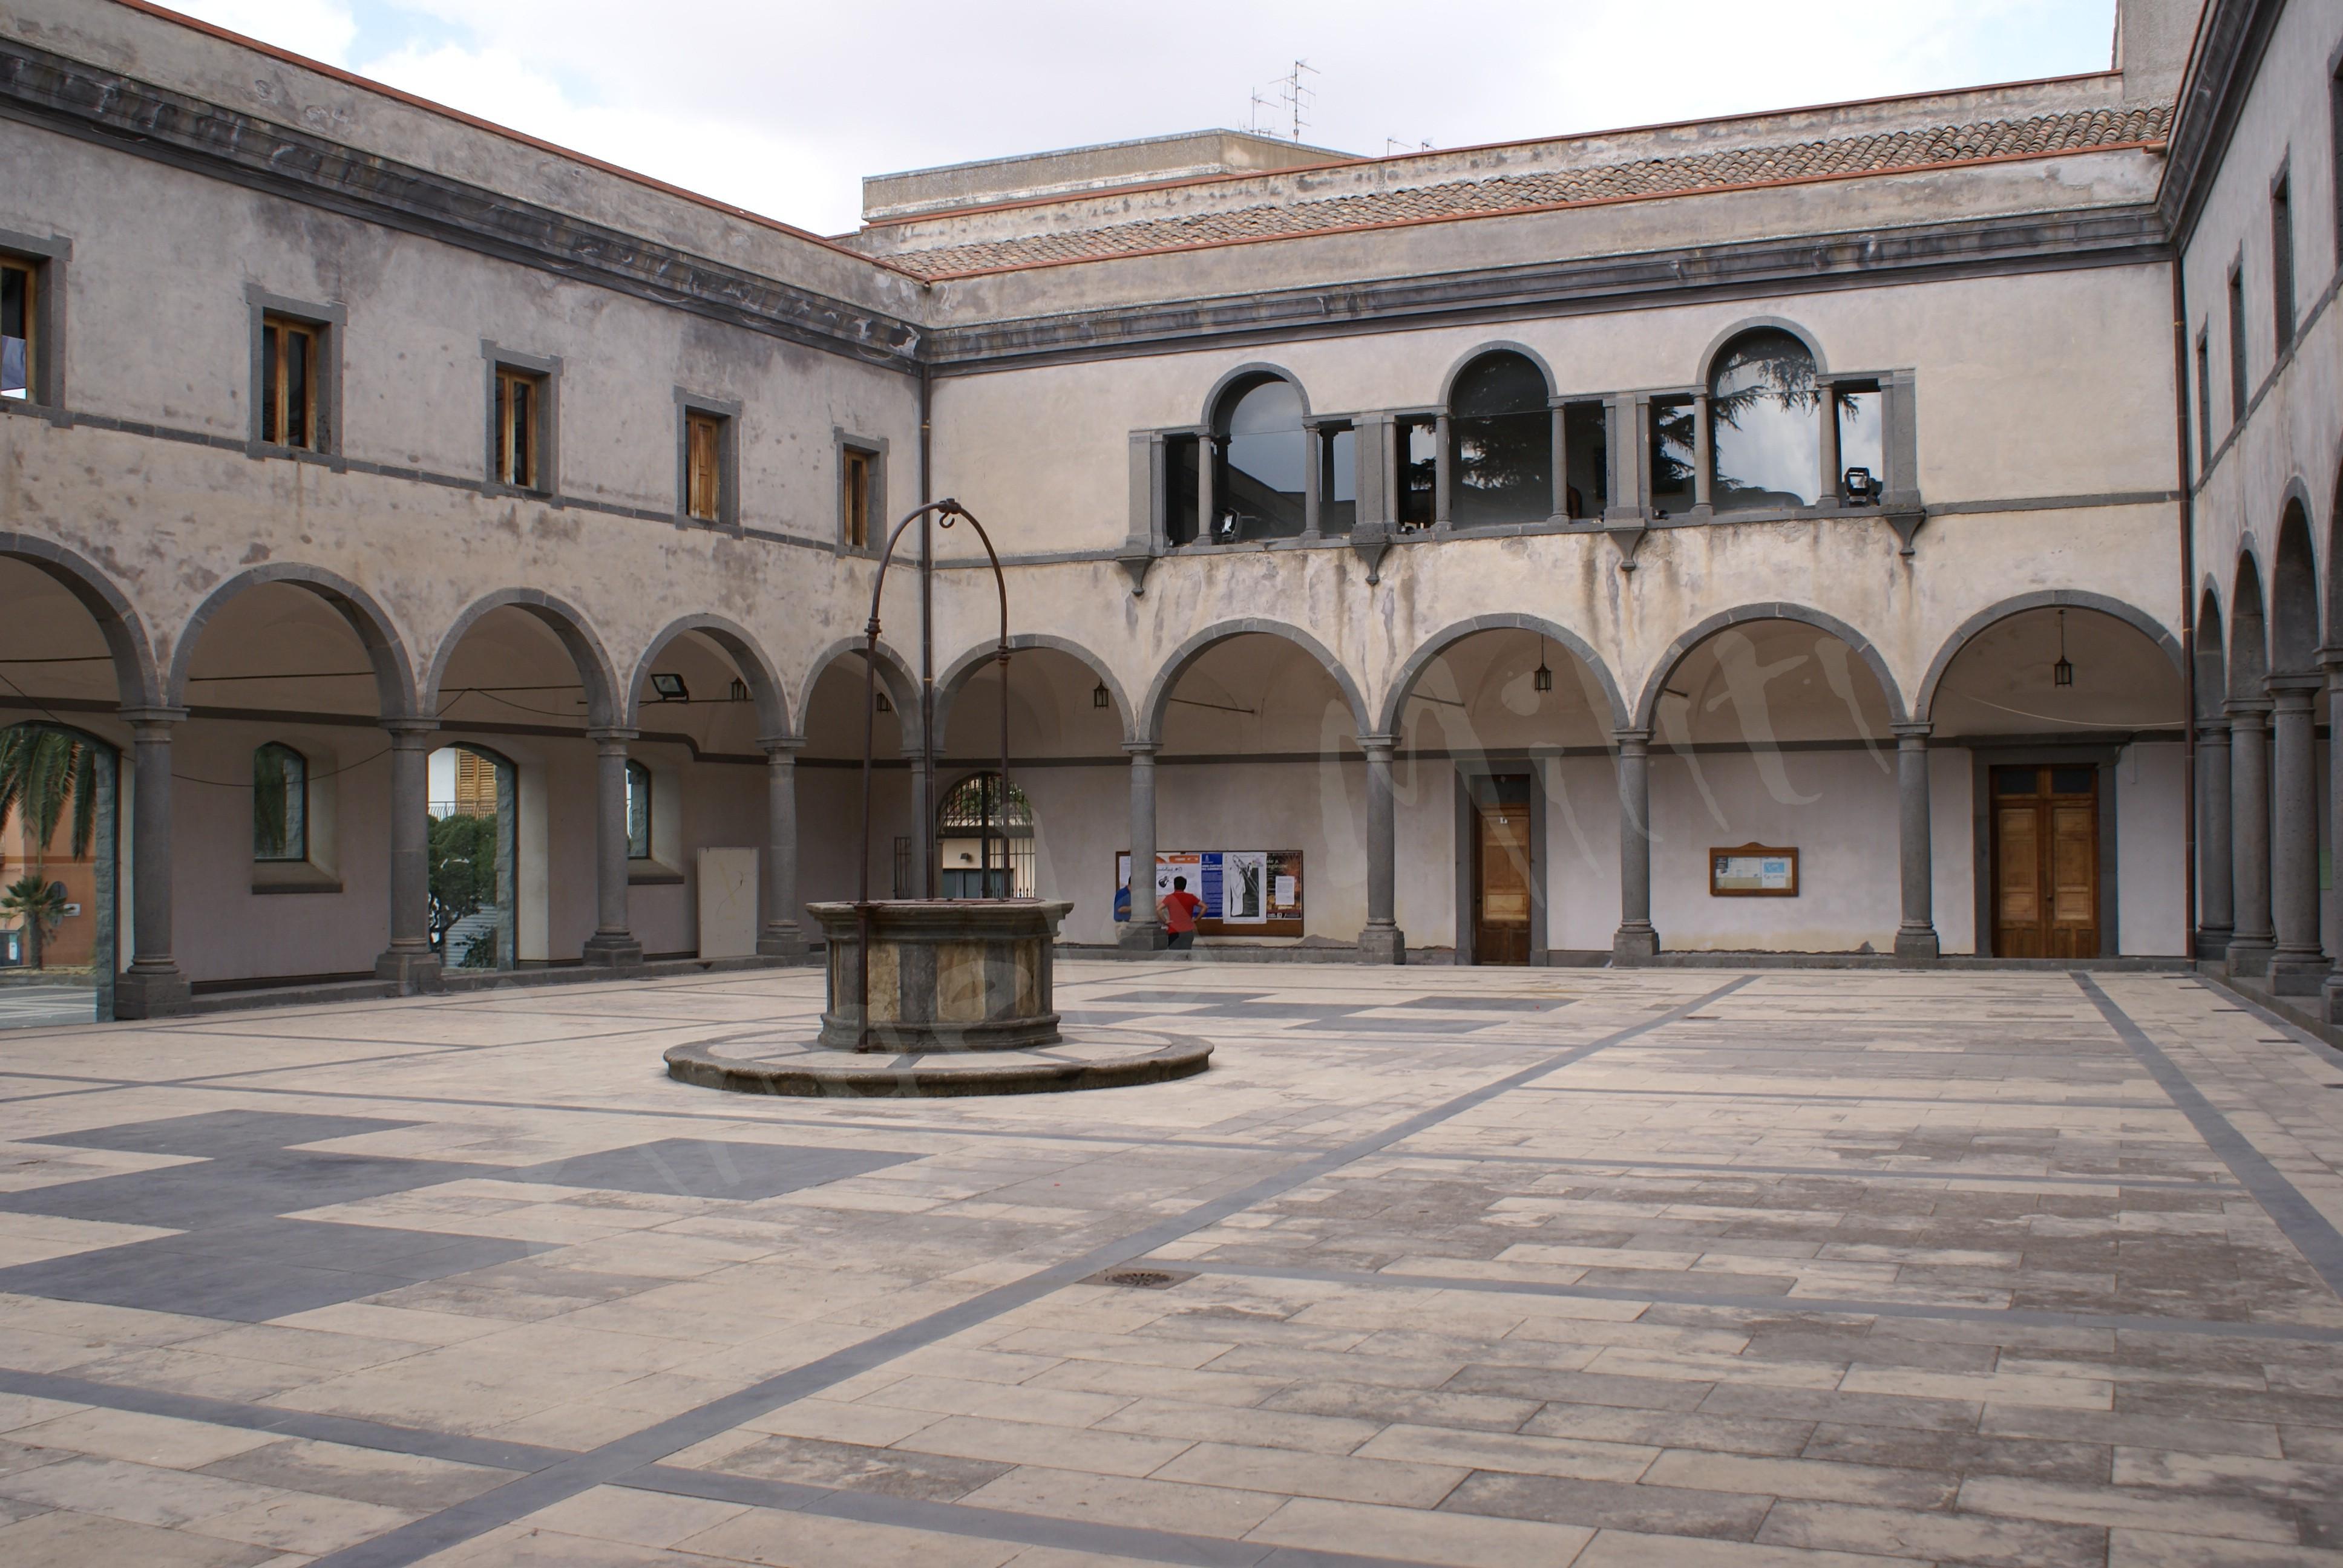 Chiostro del palazzo comunale